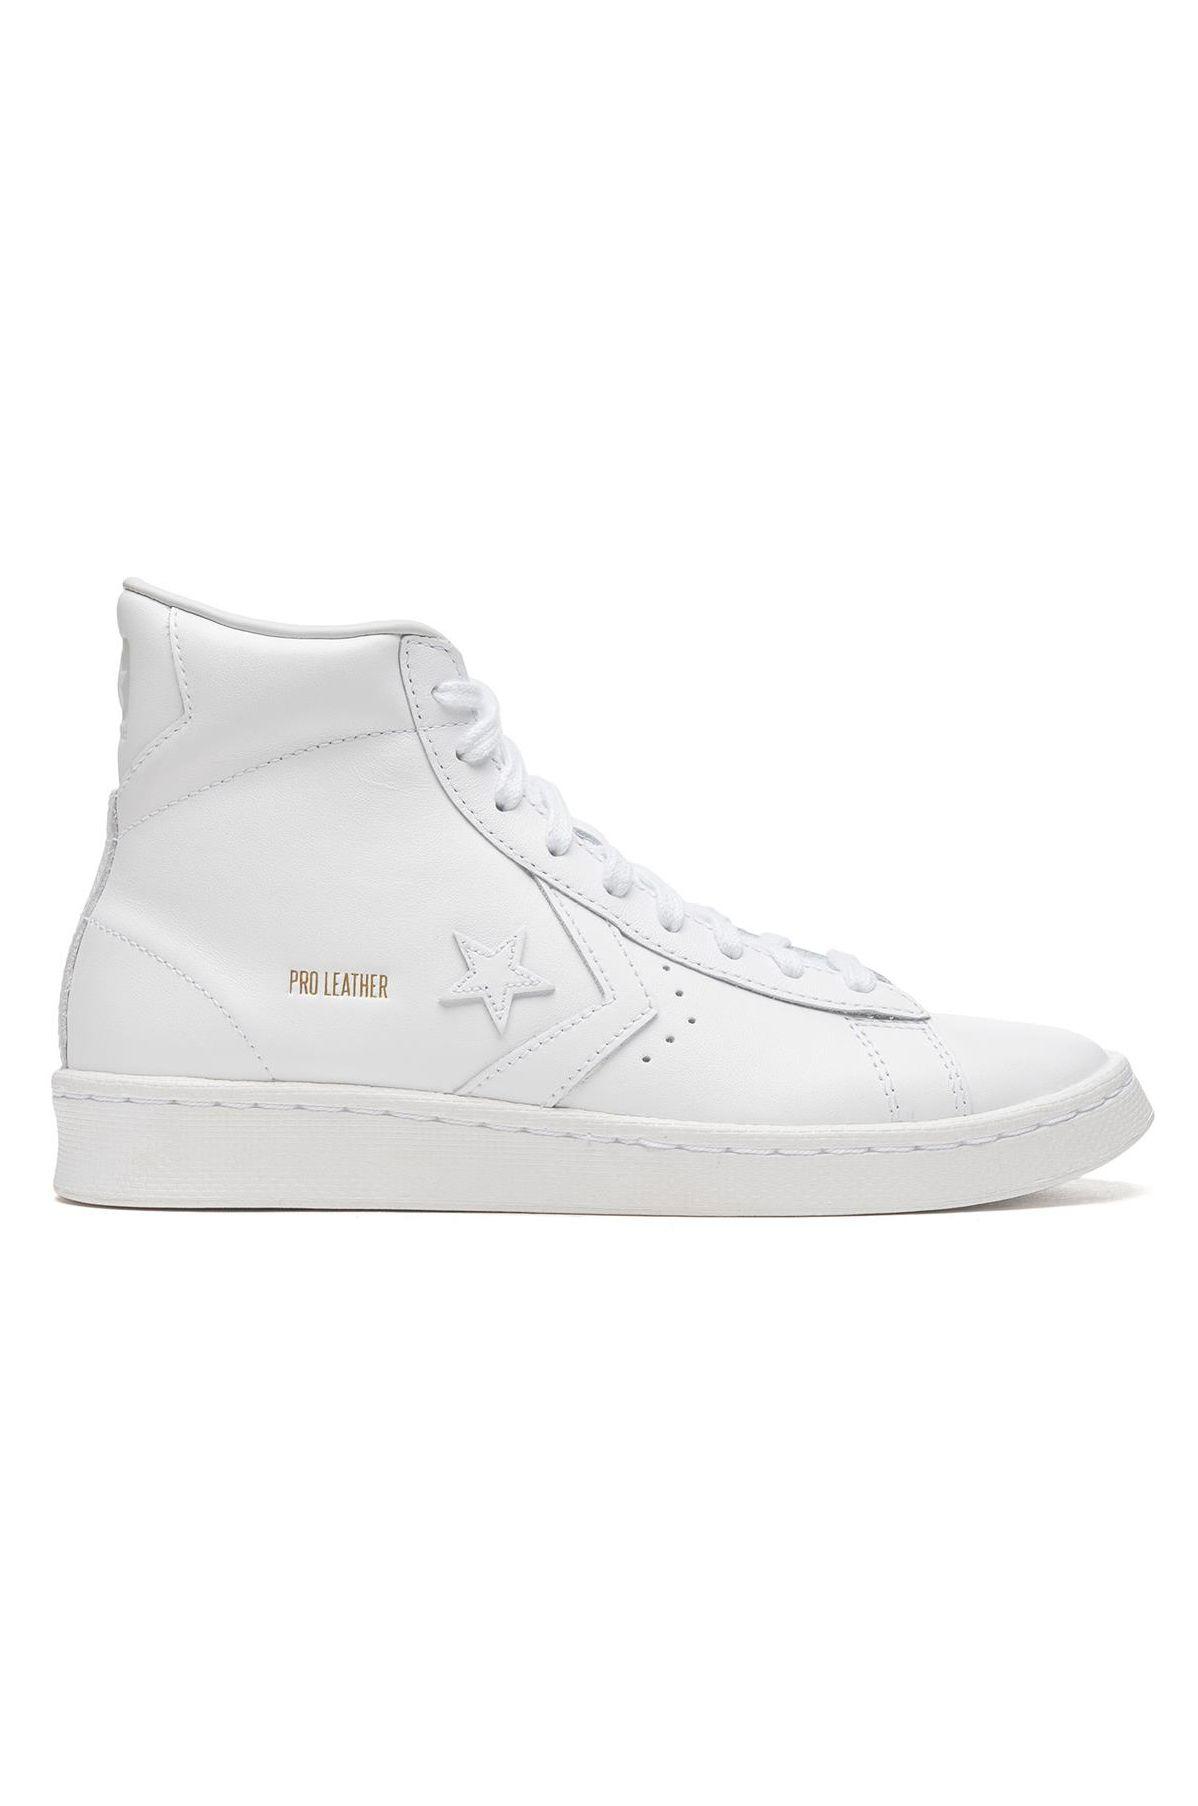 Tenis Converse PRO LEATHER HI White/White/White